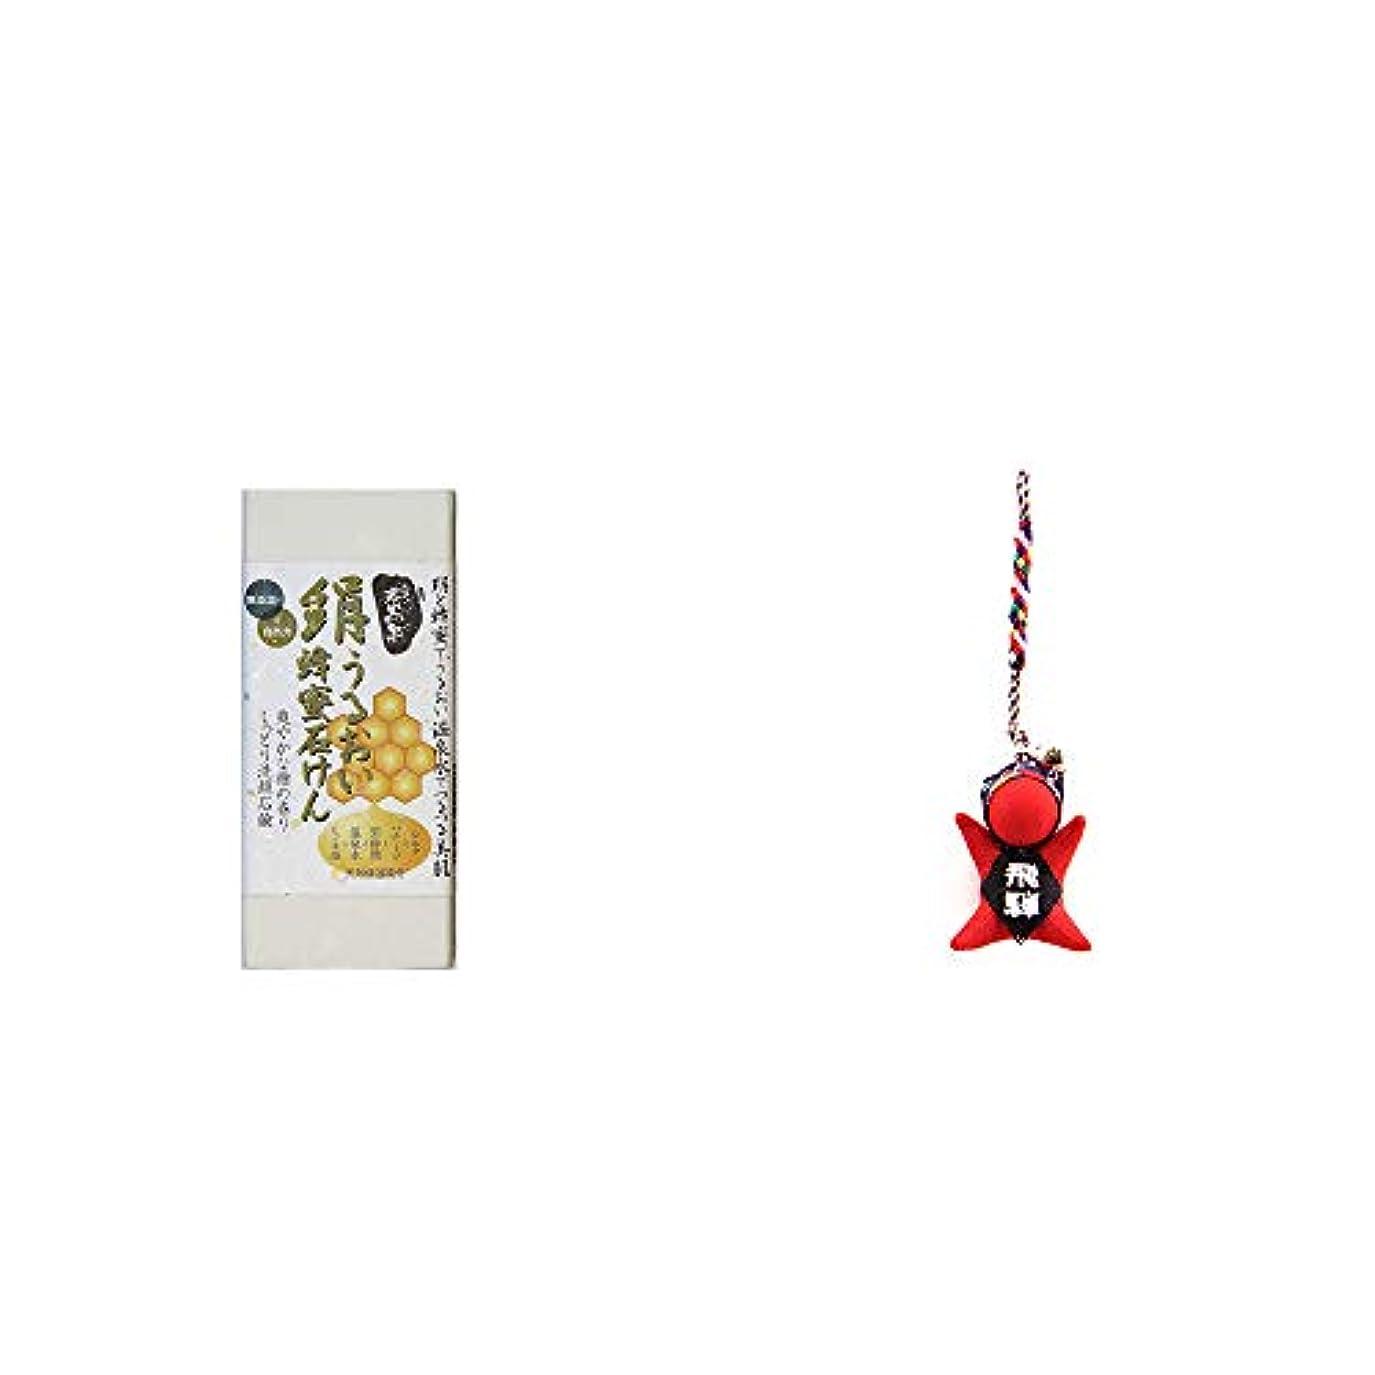 揺れる賛美歌階[2点セット] ひのき炭黒泉 絹うるおい蜂蜜石けん(75g×2)?さるぼぼ根付 【赤】/ ストラップ 縁結び?魔除け //